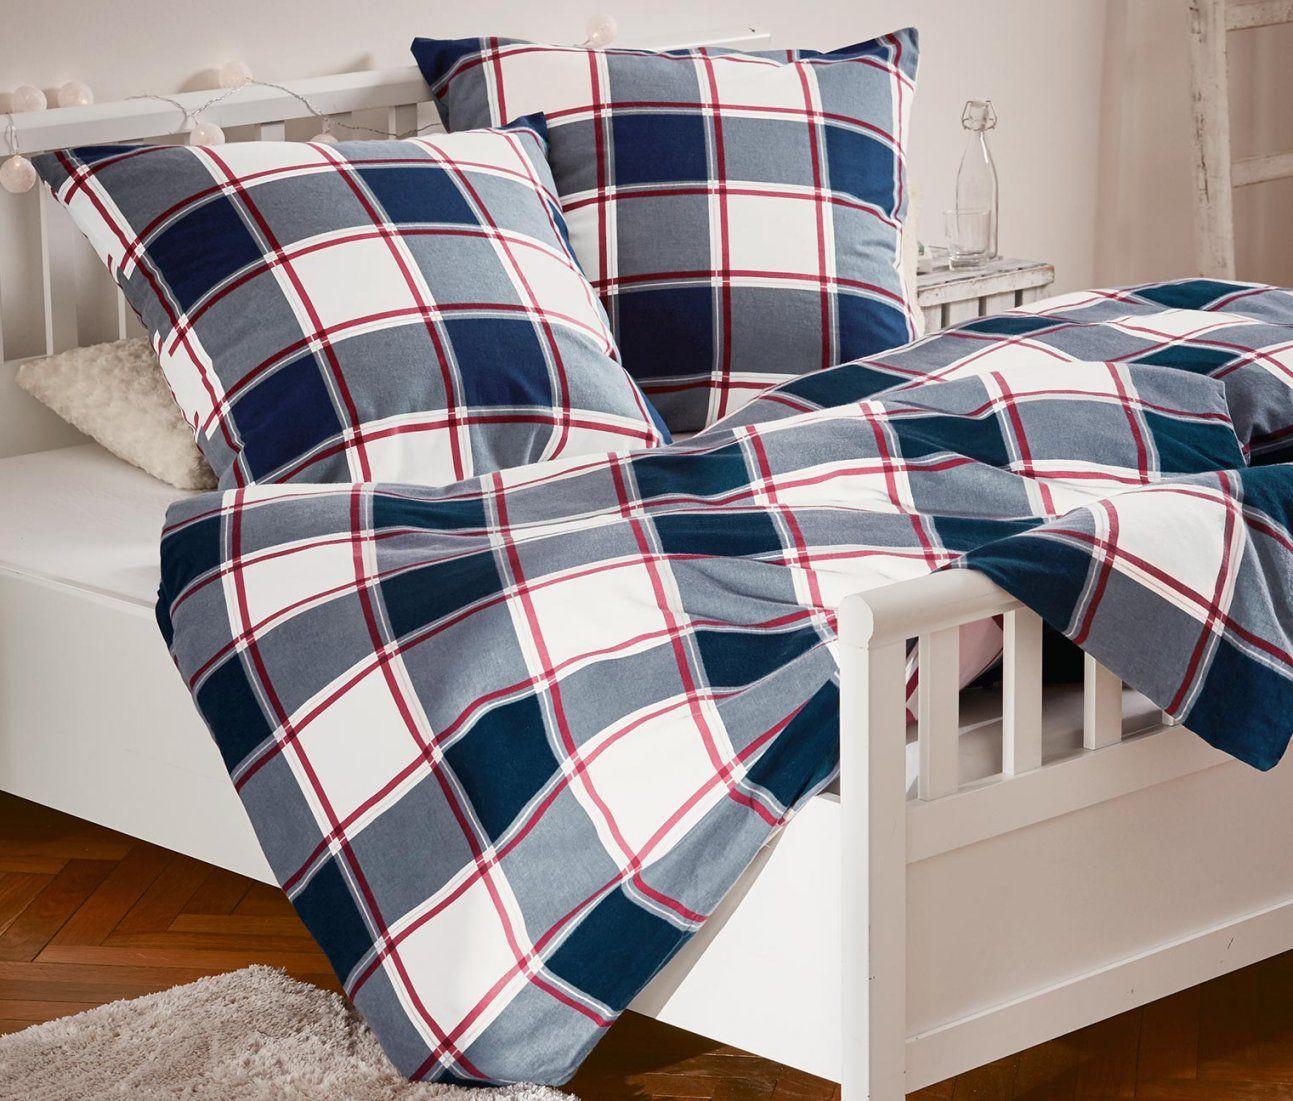 Biberbettwäsche Übergröße Online Bestellen Bei Tchibo 332108 von Bettwäsche 155X220 Tchibo Photo